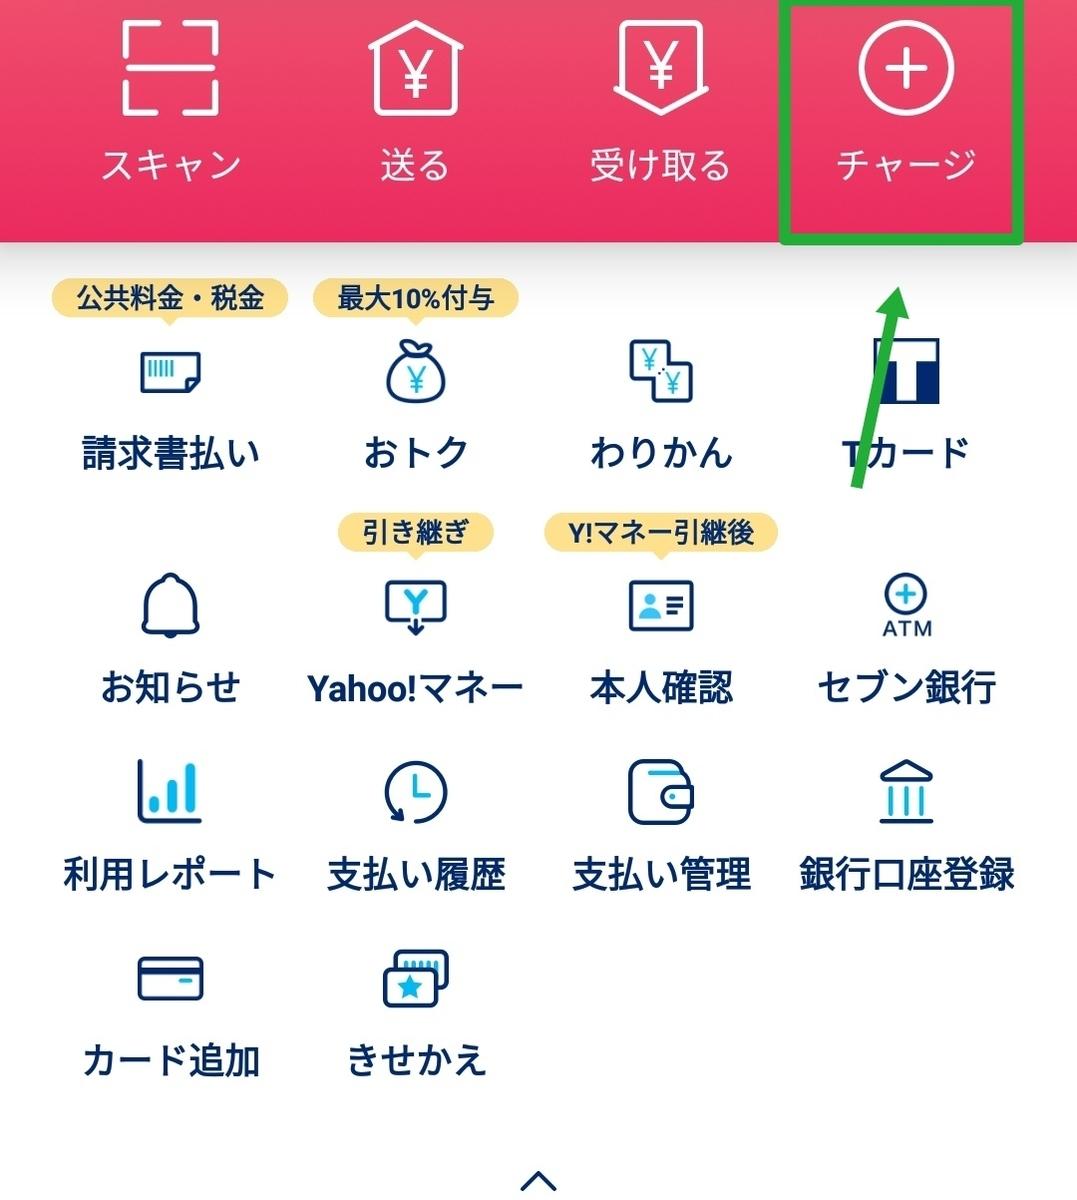 f:id:shin5sun:20191003213406j:plain